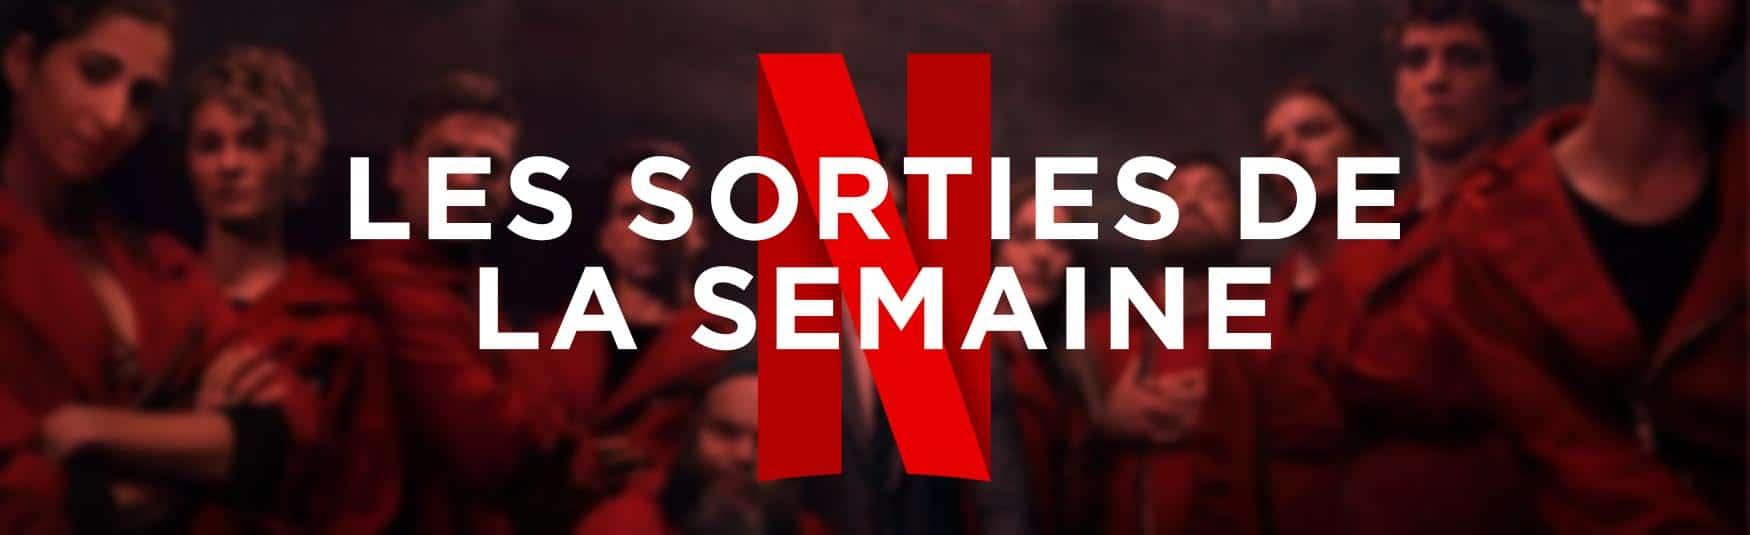 cover sorties Netflix #1